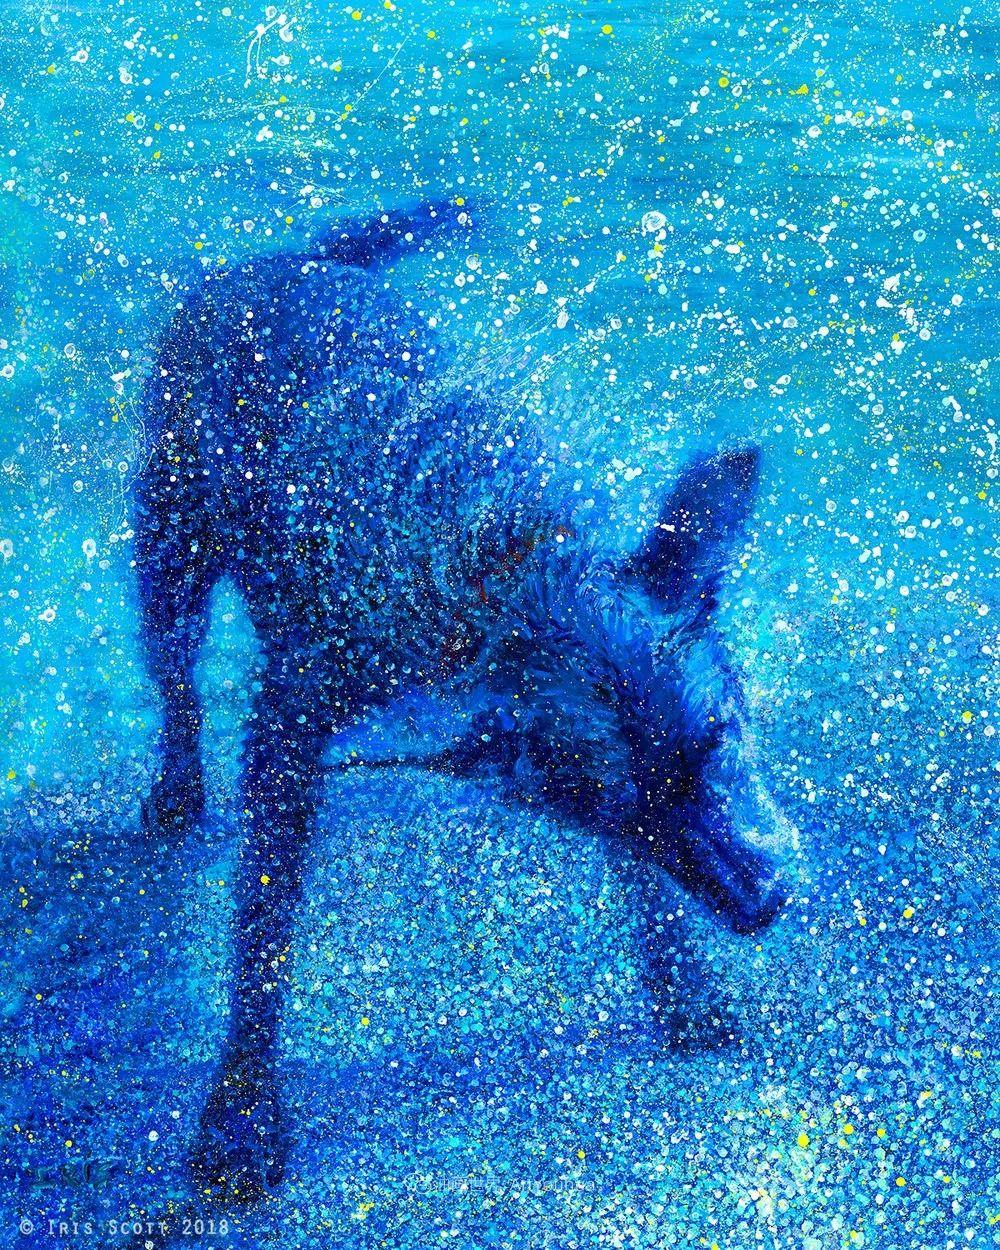 用颜料触摸这个世界!美国画家Iris Scott画选(中)——动植物篇插图75